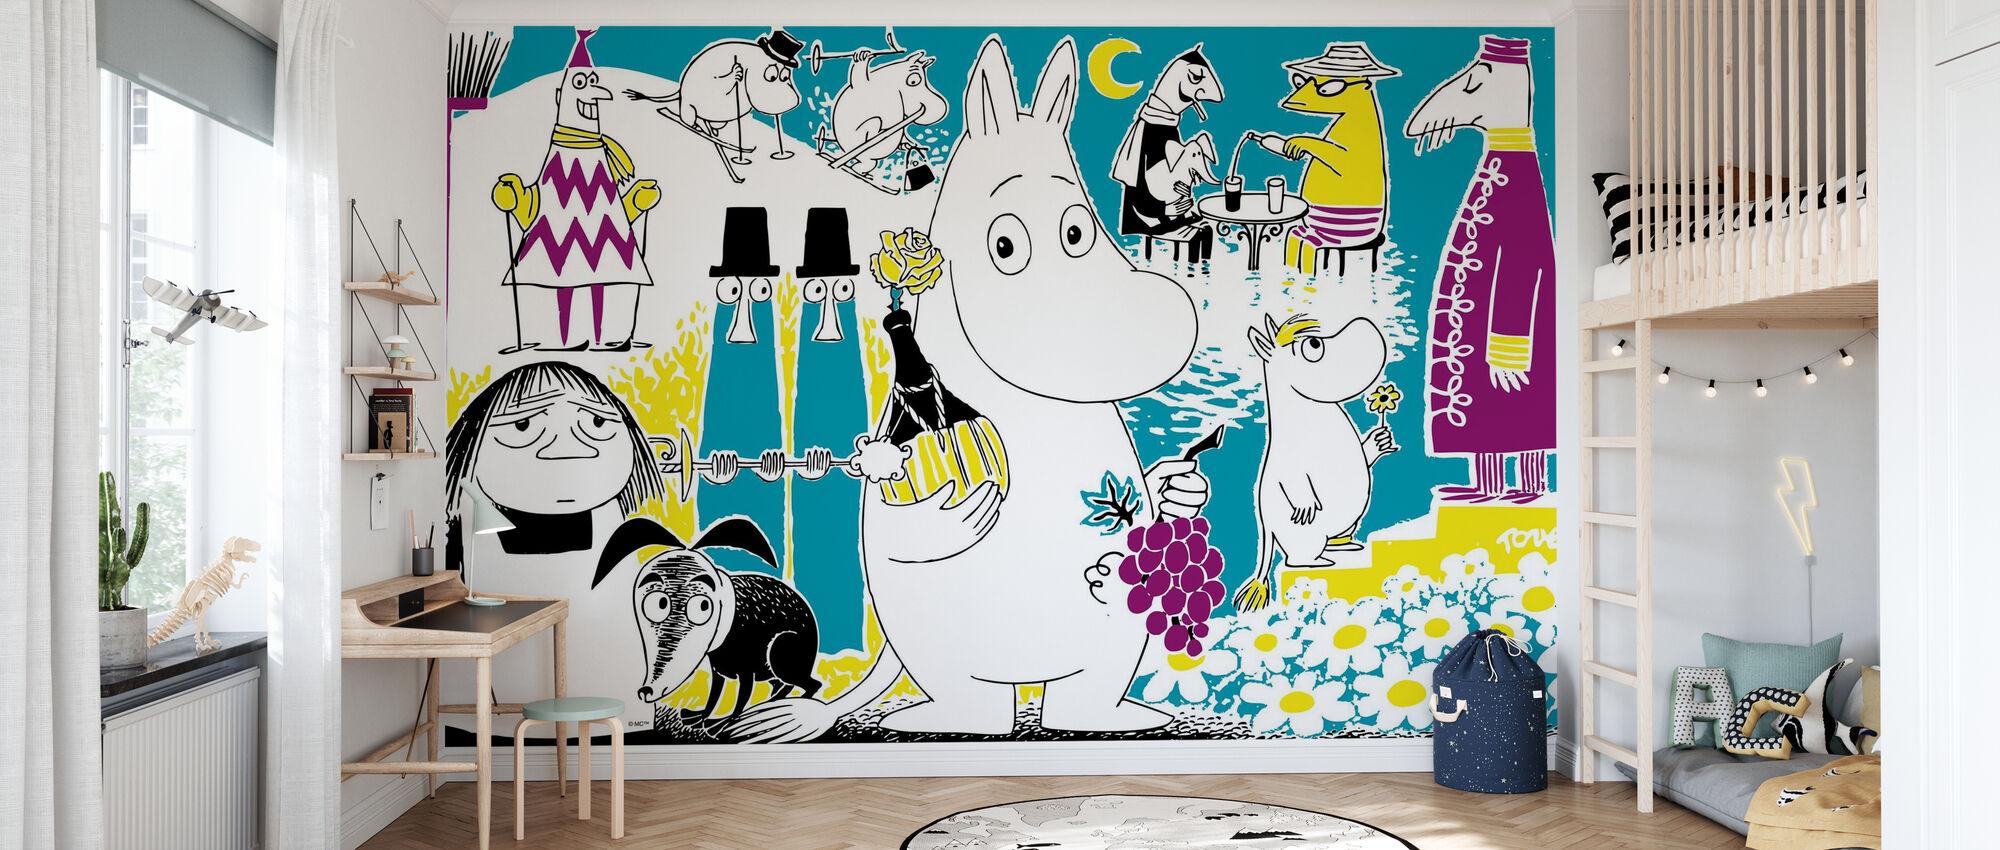 Moomin - Comic Book 2 - Wallpaper - Kids Room